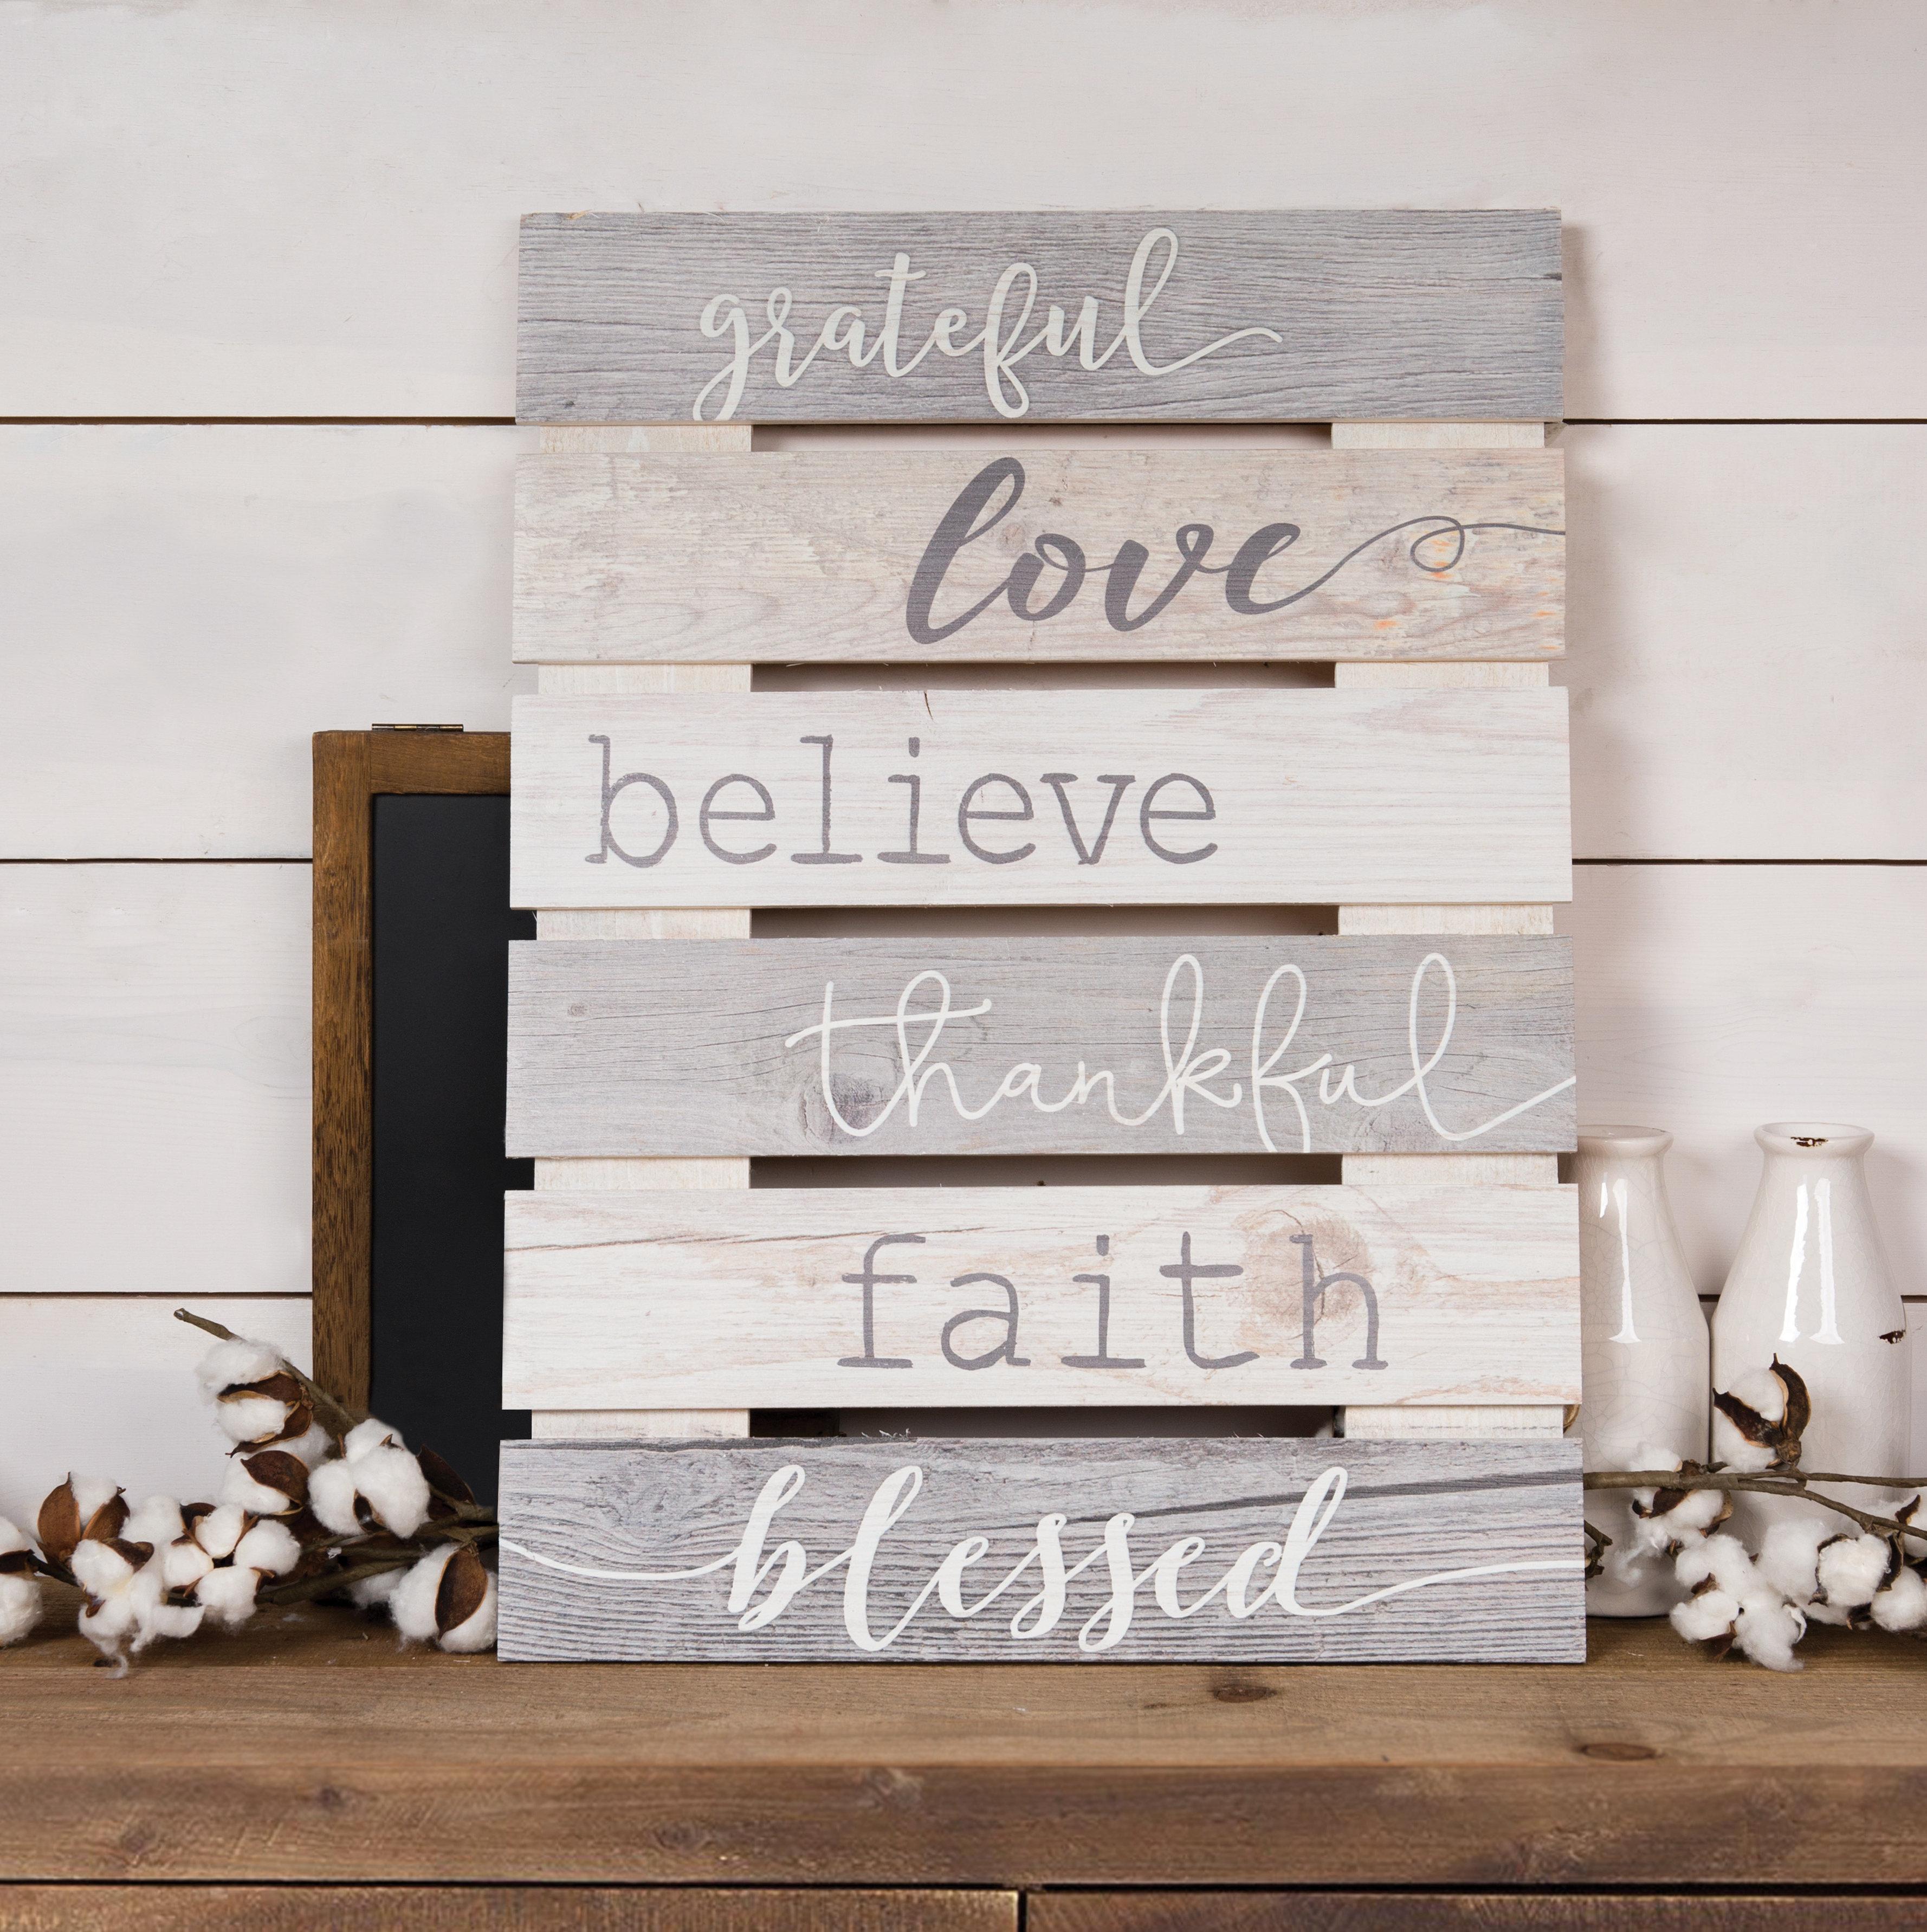 Faith Decor   Wayfair Throughout Faith, Hope, Love Raised Sign Wall Decor (View 5 of 30)